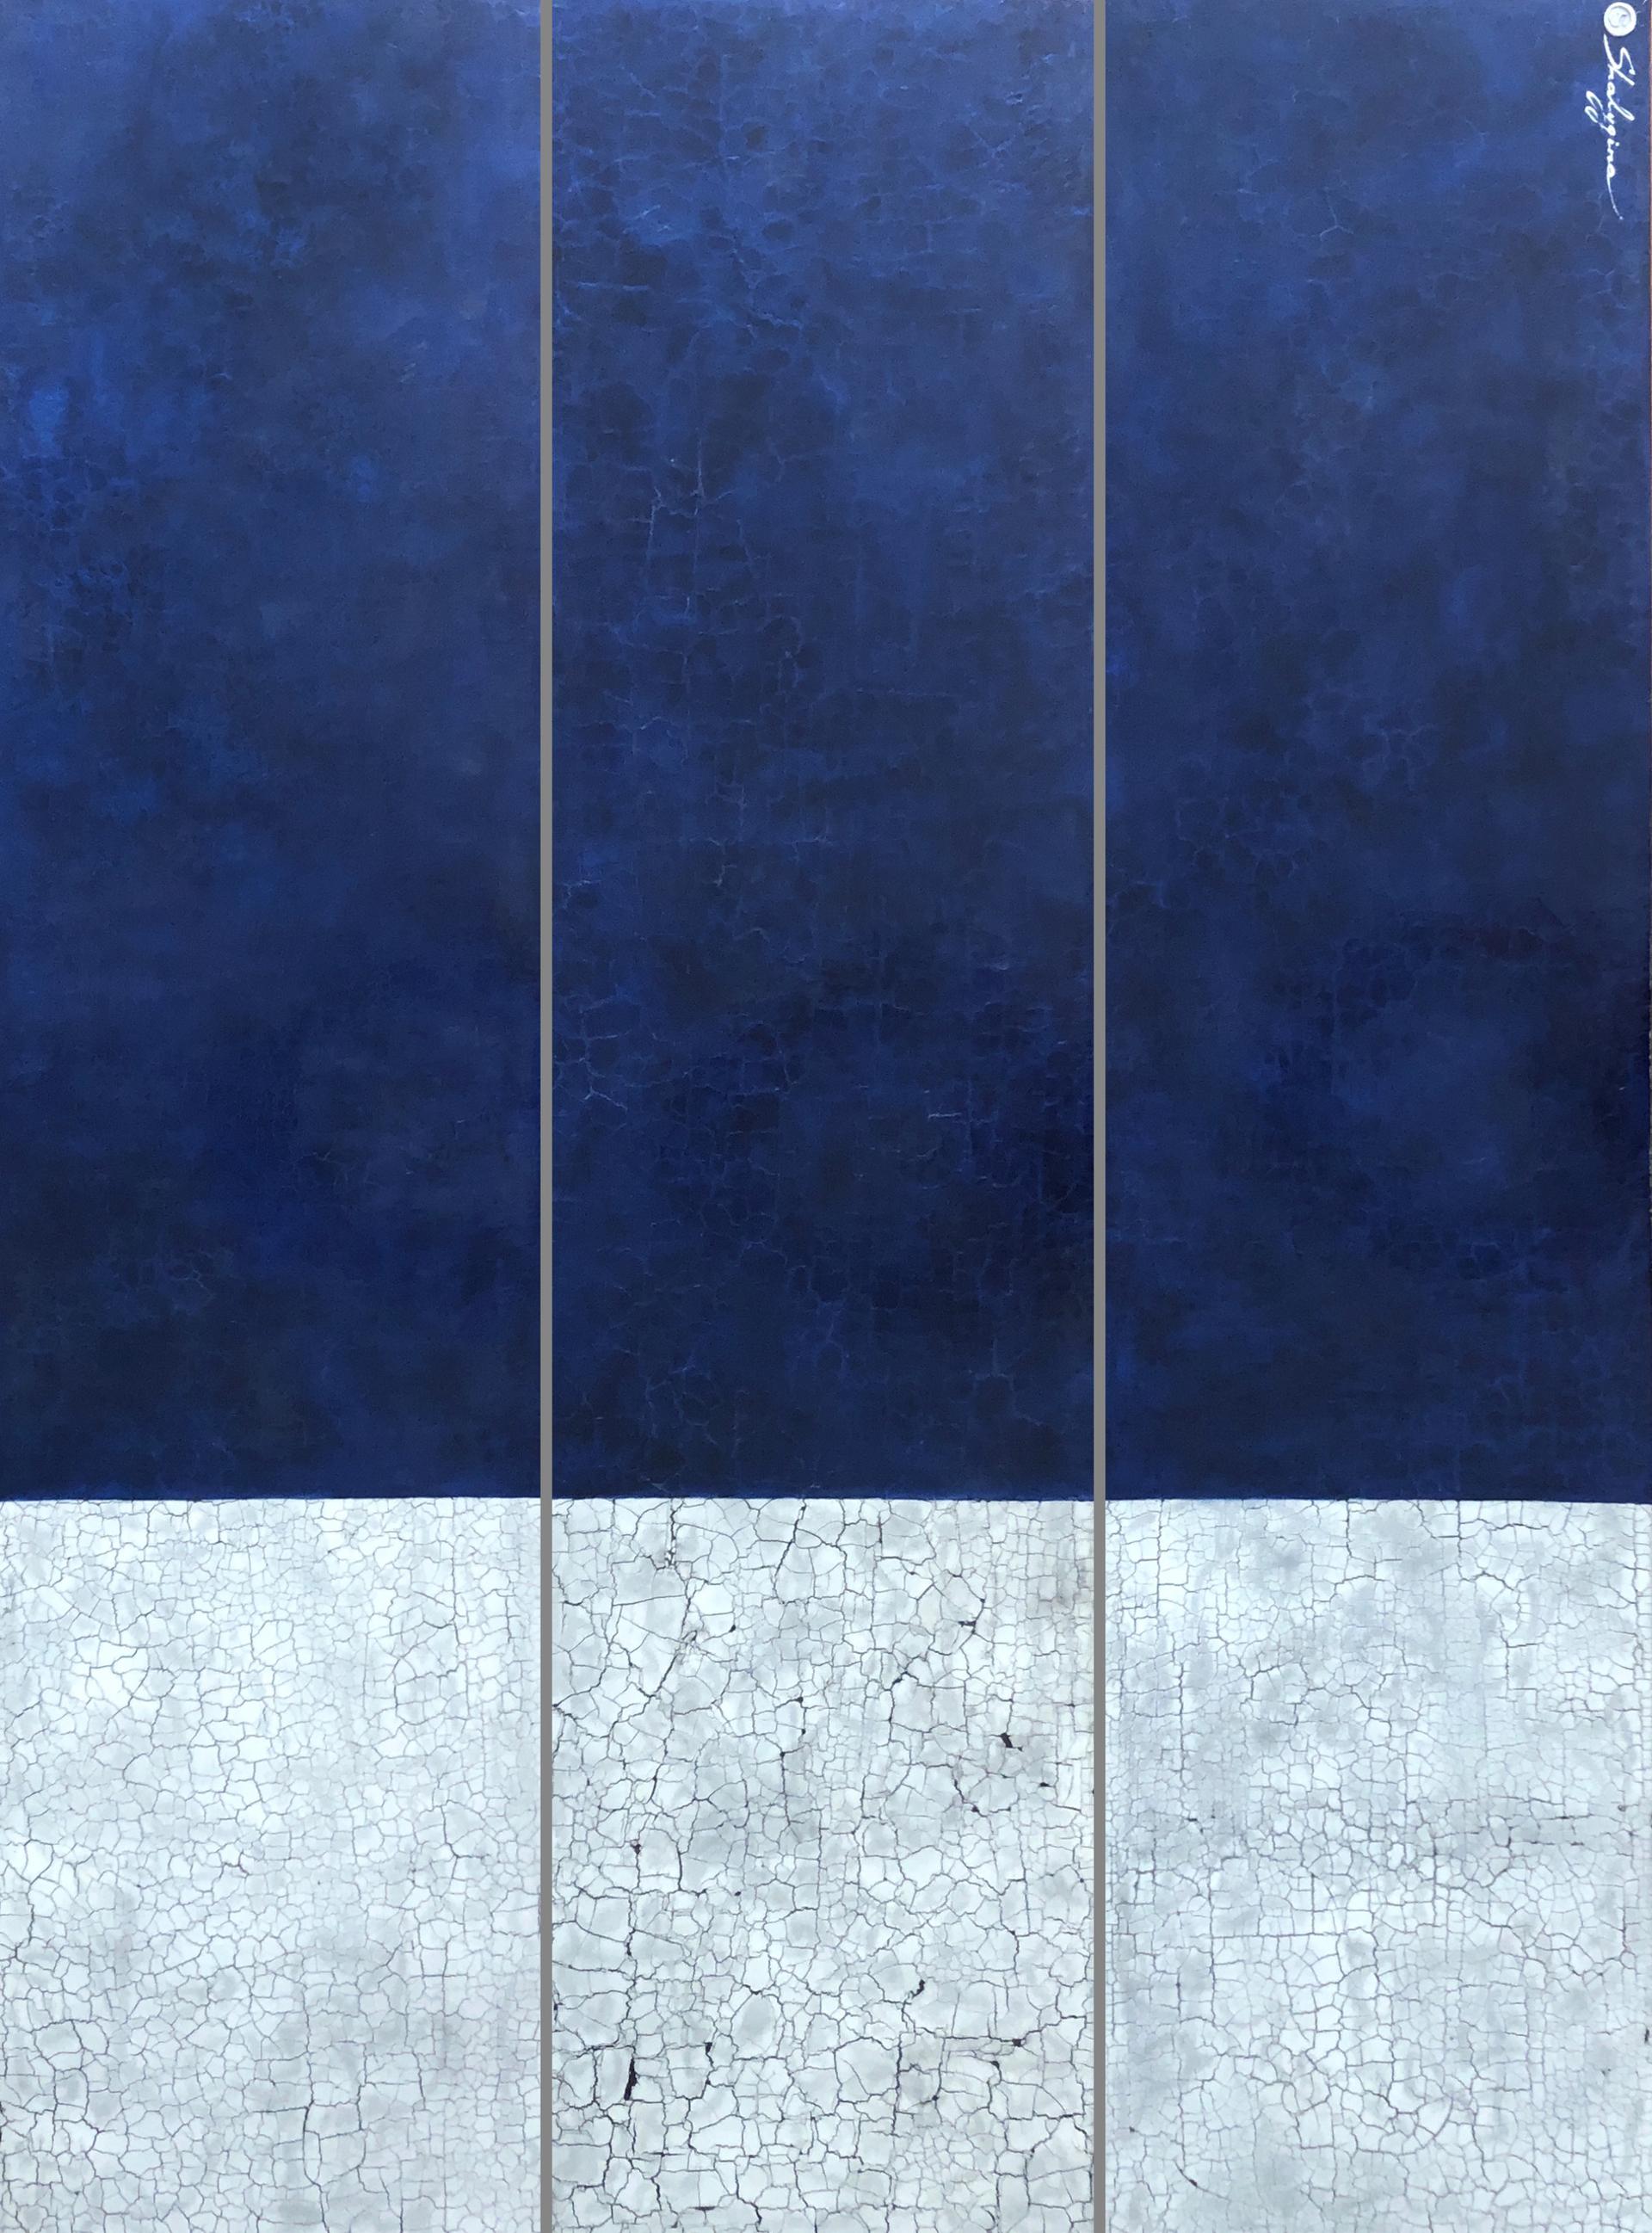 Fifty Shades of Blue #20 by Svetlana Shalygina